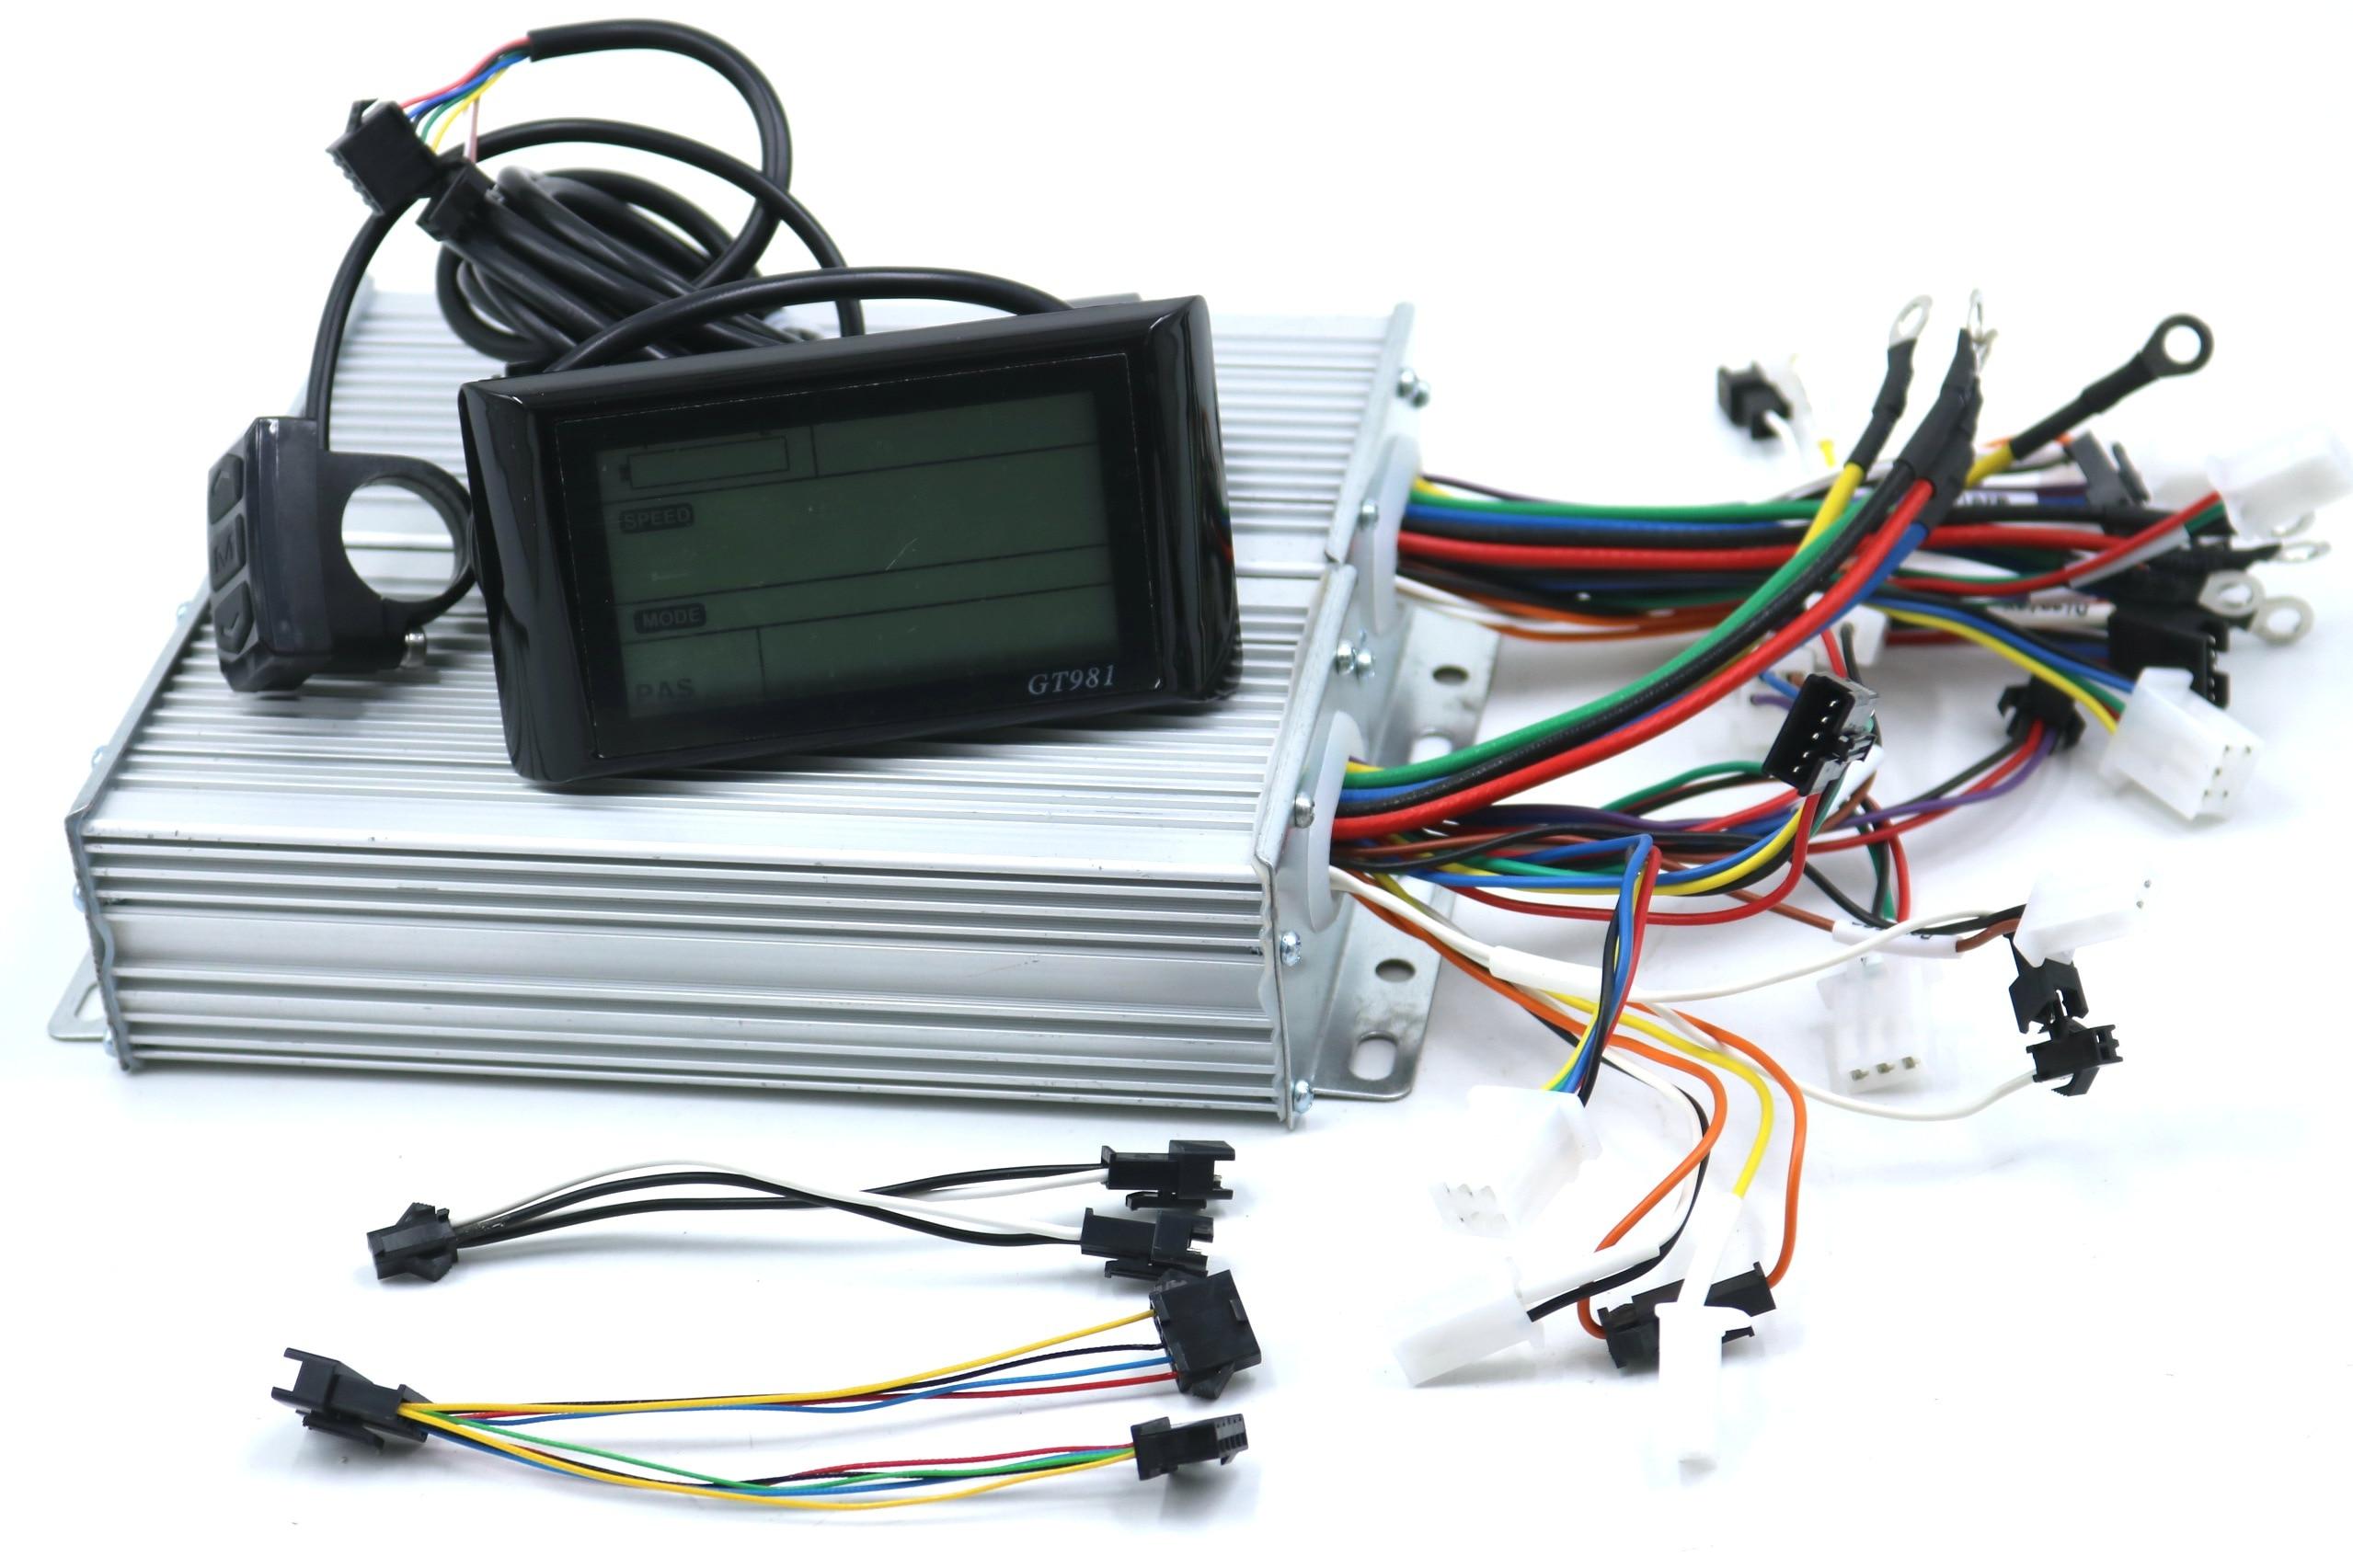 محرك مزدوج 48/60/72V 1500W BLDC الكهربائية سكوتر تحكم E-الدراجة 2 قطعة فرش سرعة سائق و 1 قطعة GT981 عرض مجموعة واحدة